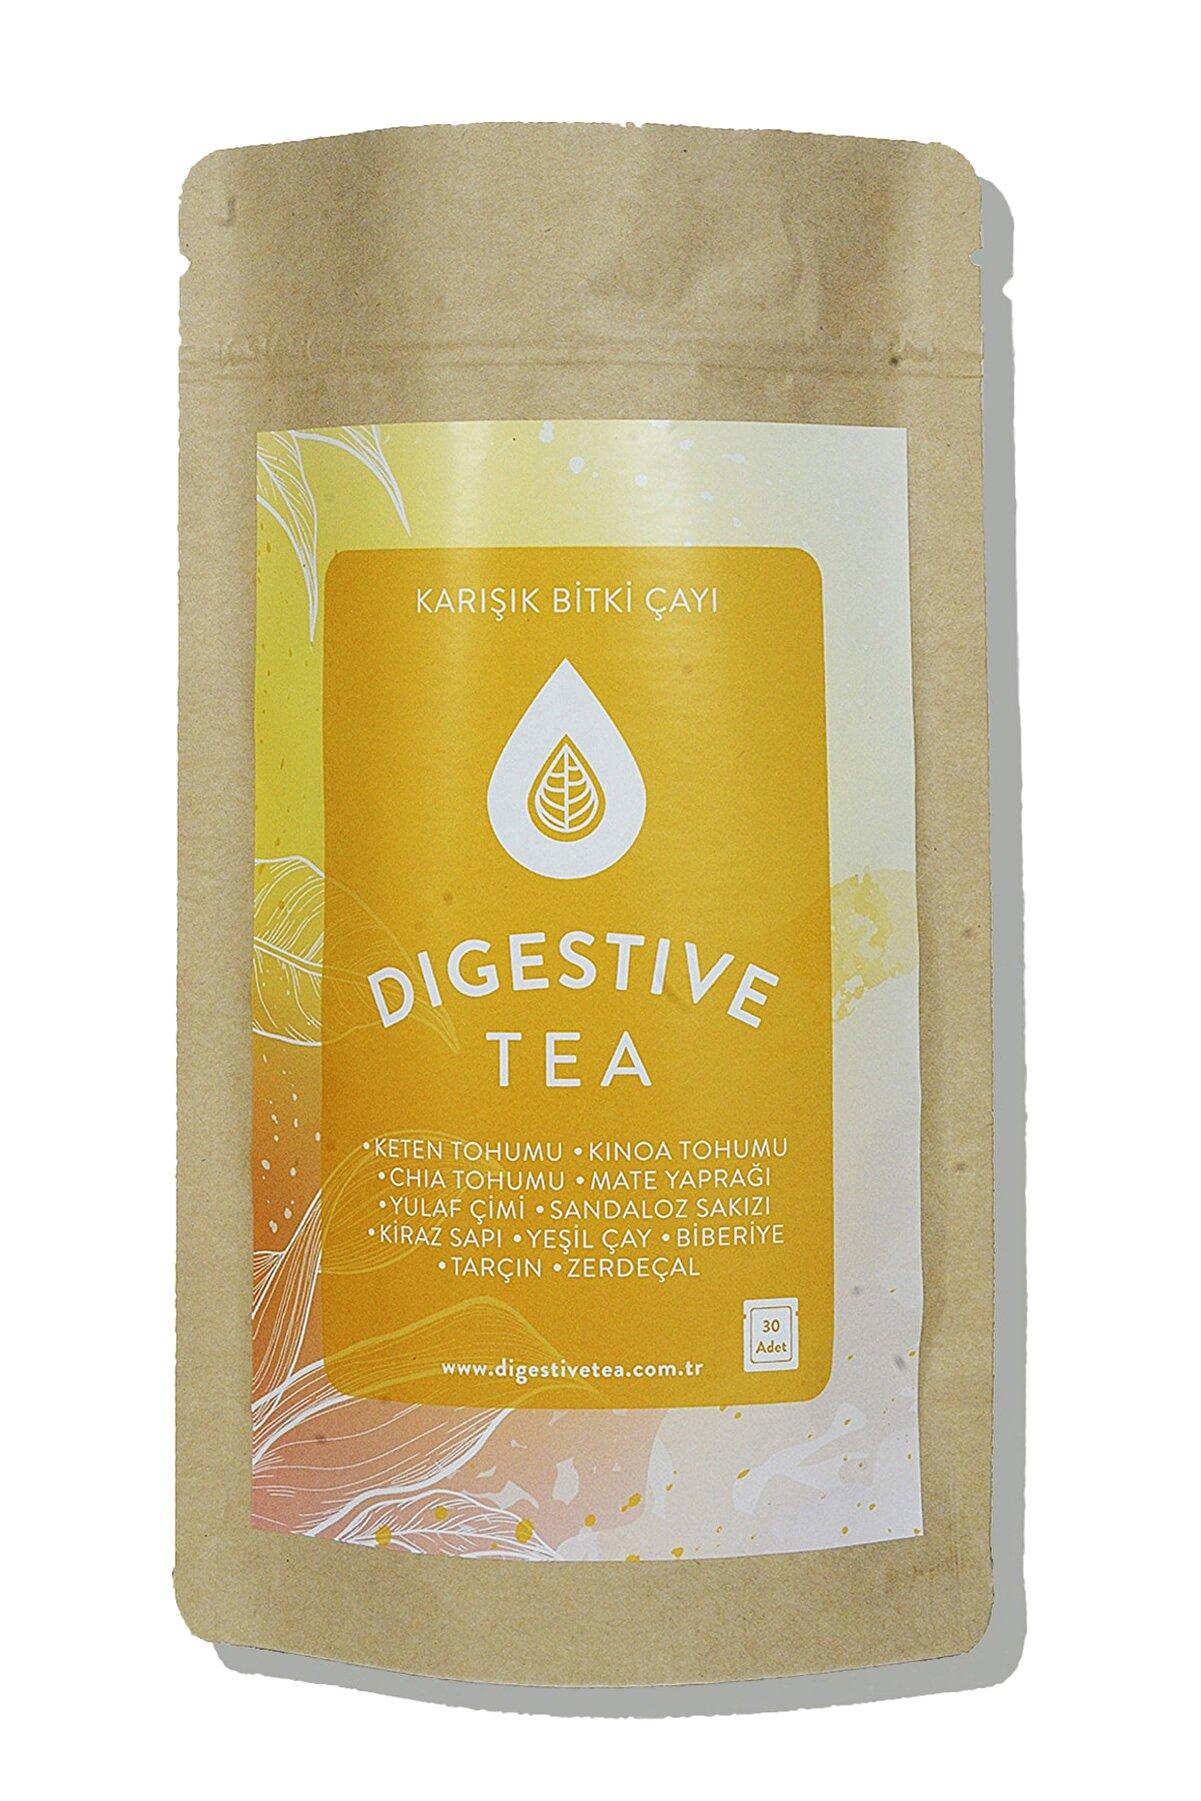 Digestive Tea Diyet Ve Ödem Atımına Yardımcı, Zayıflama Ve Detoks Çayı